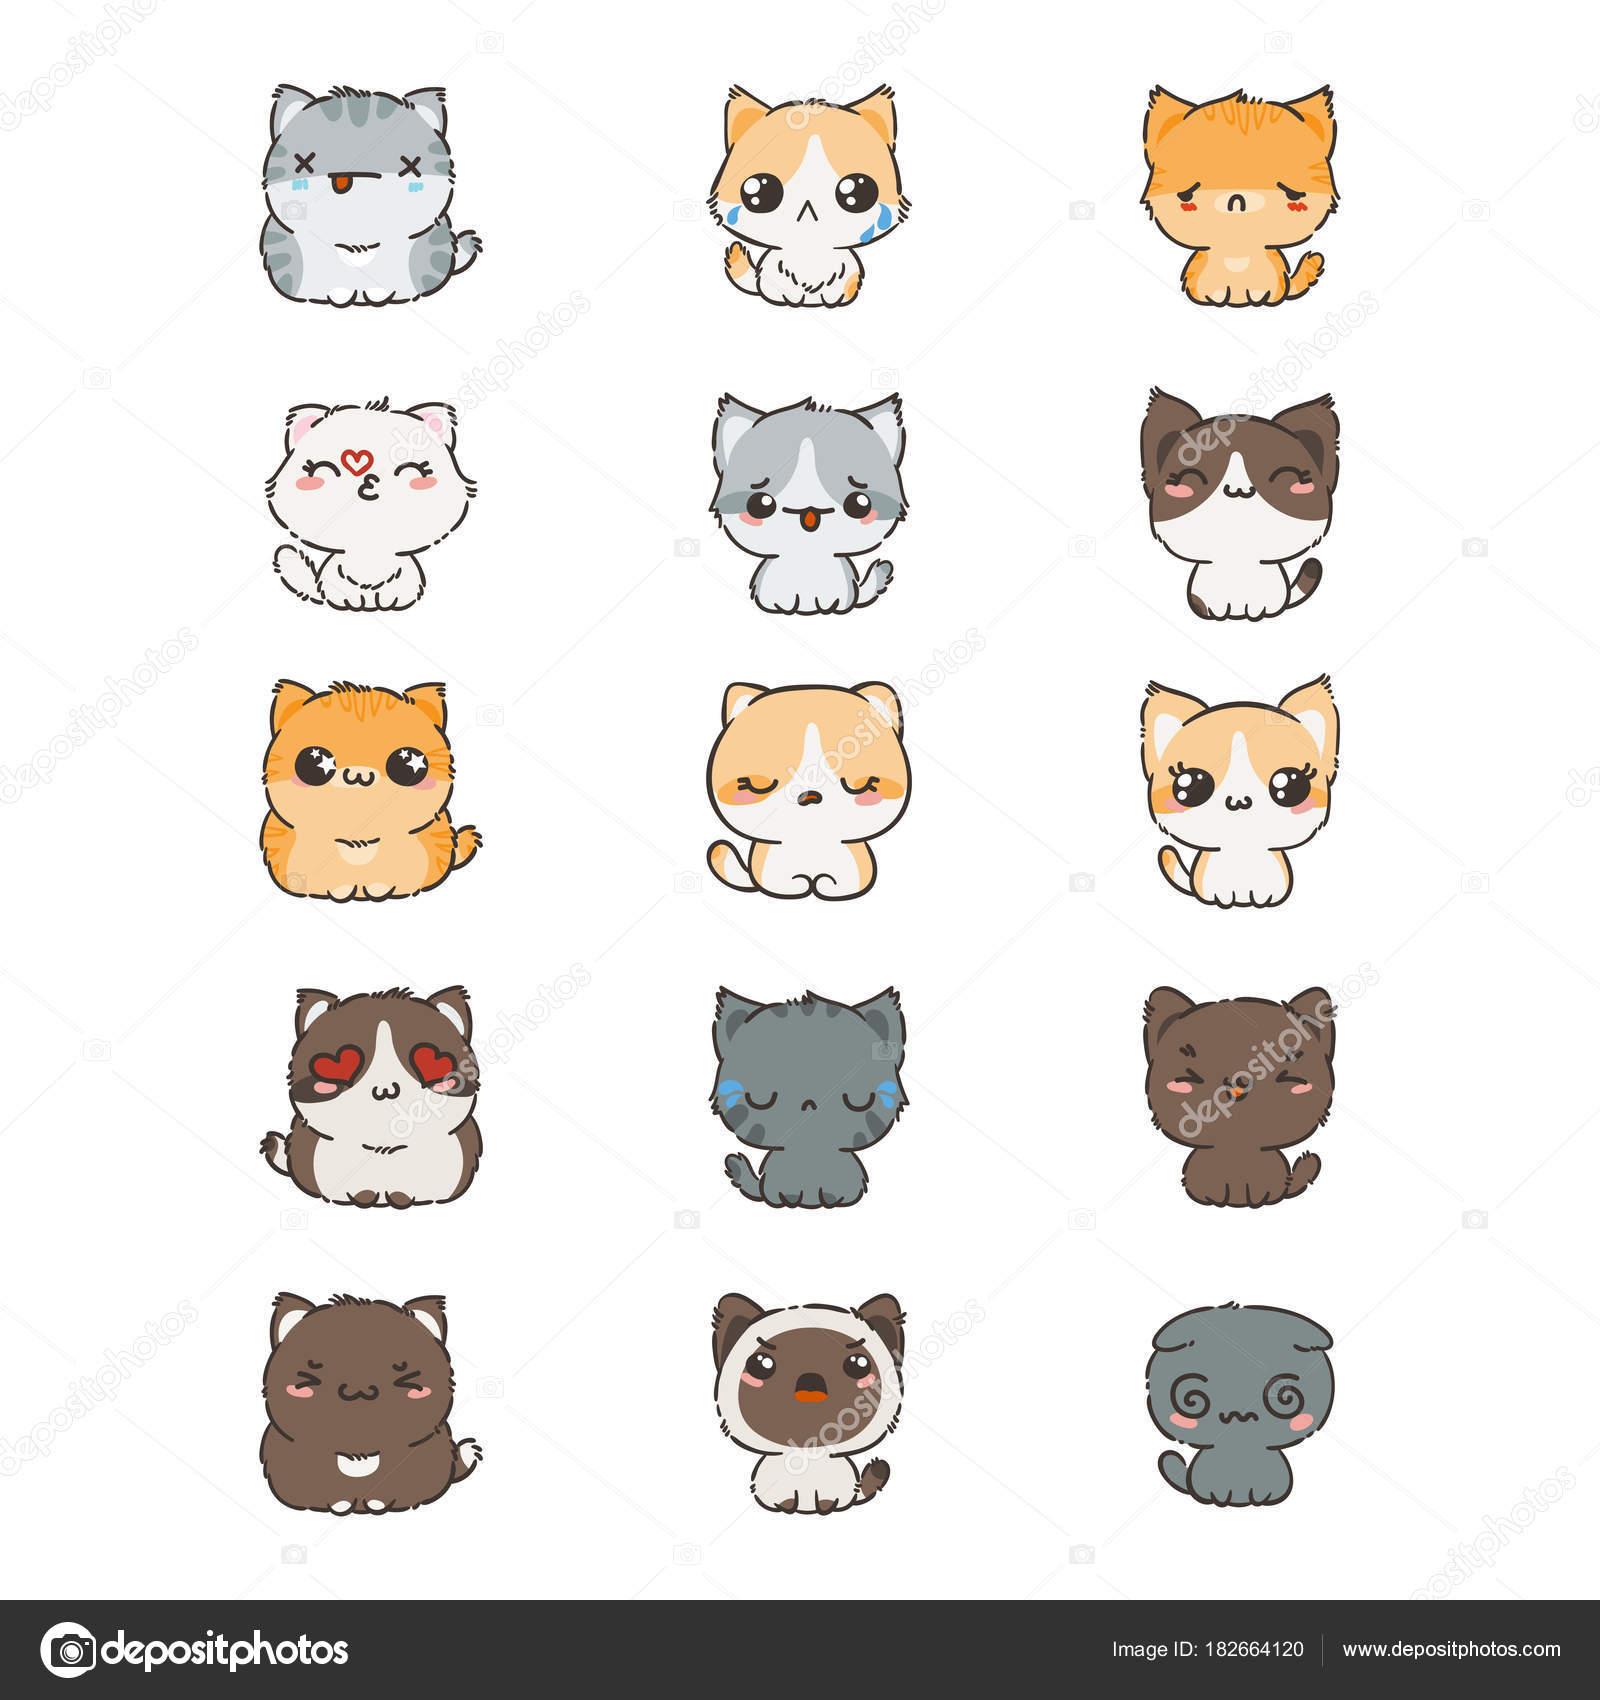 Gatos Y Perros Kawaii Cute Dibujos Animados Gatos Y Perros Con